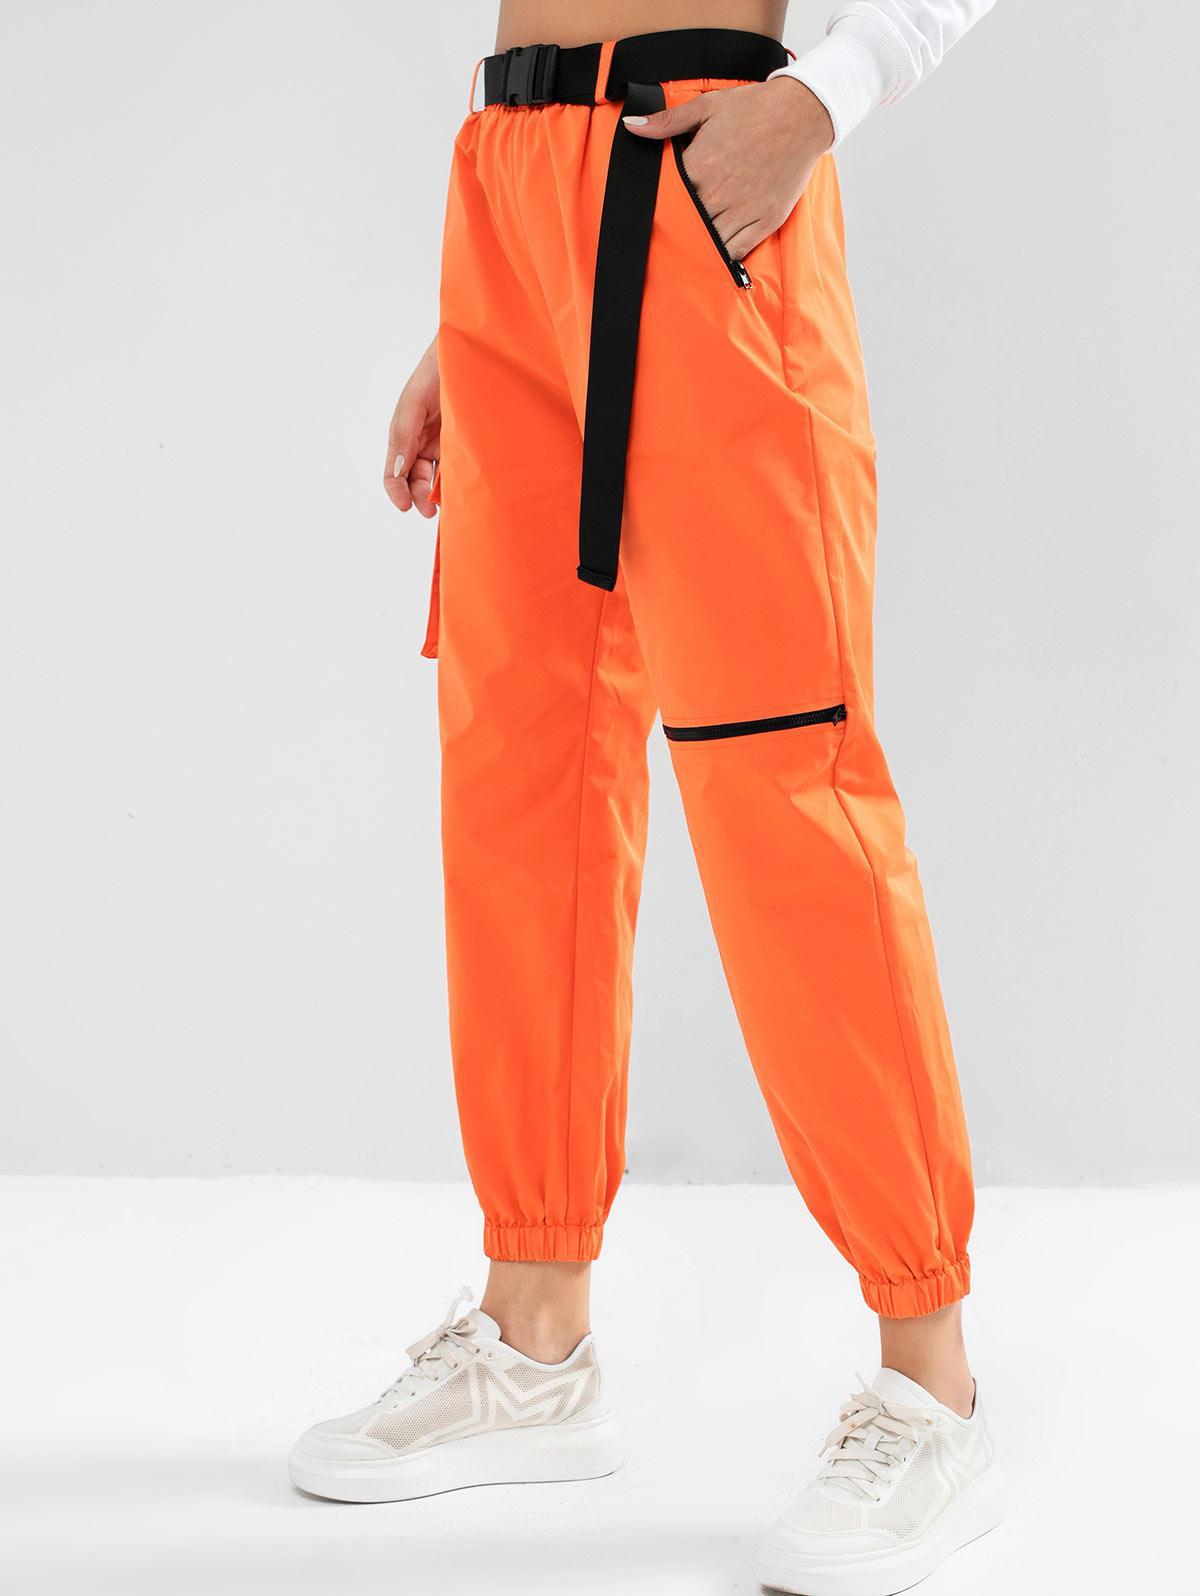 ZAFUL Zipper Pockets Belted Windbreaker Jogger Pants